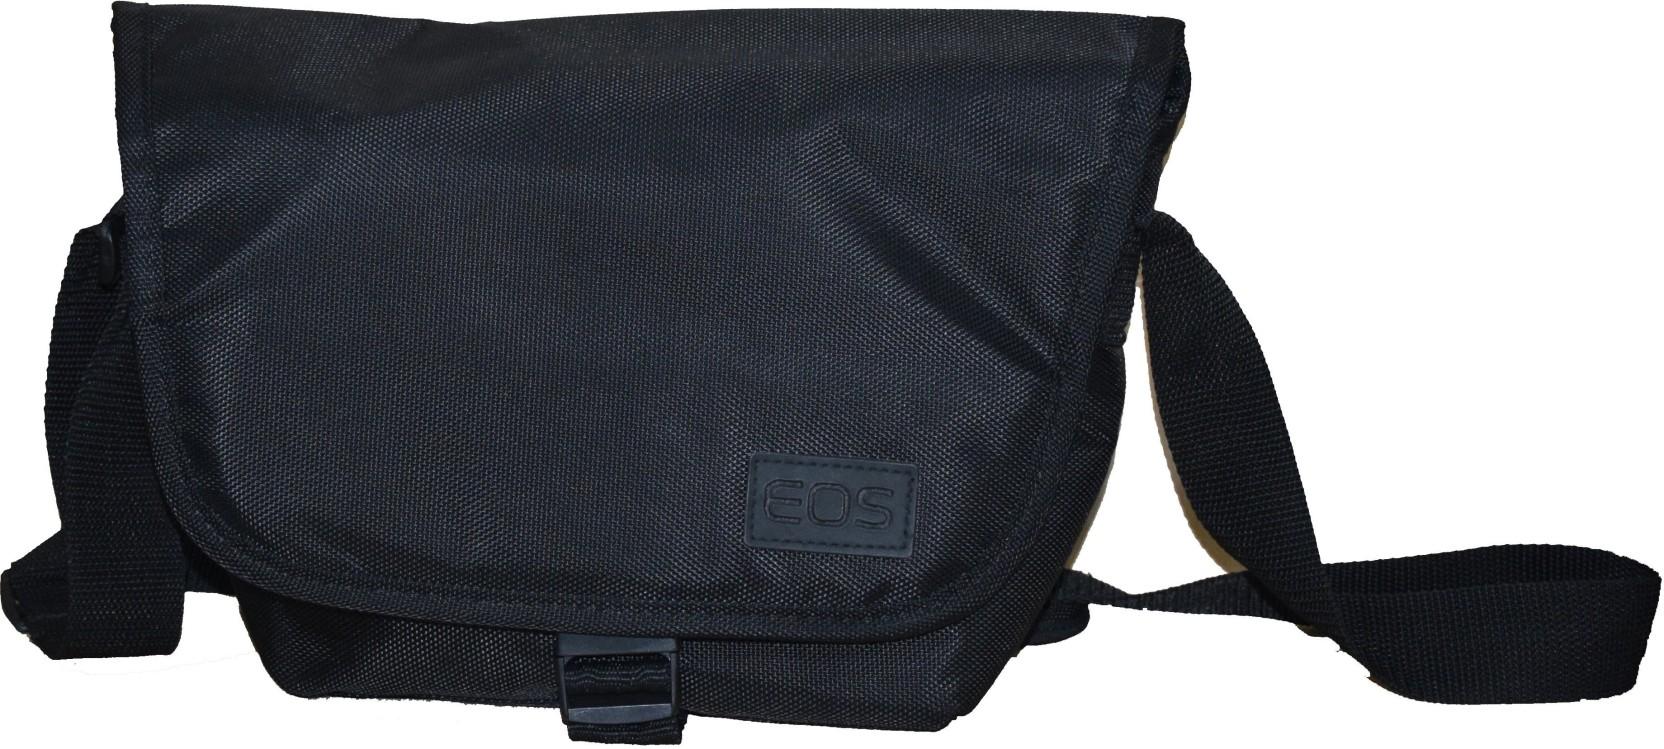 Canon X9413 Camera Bag Black